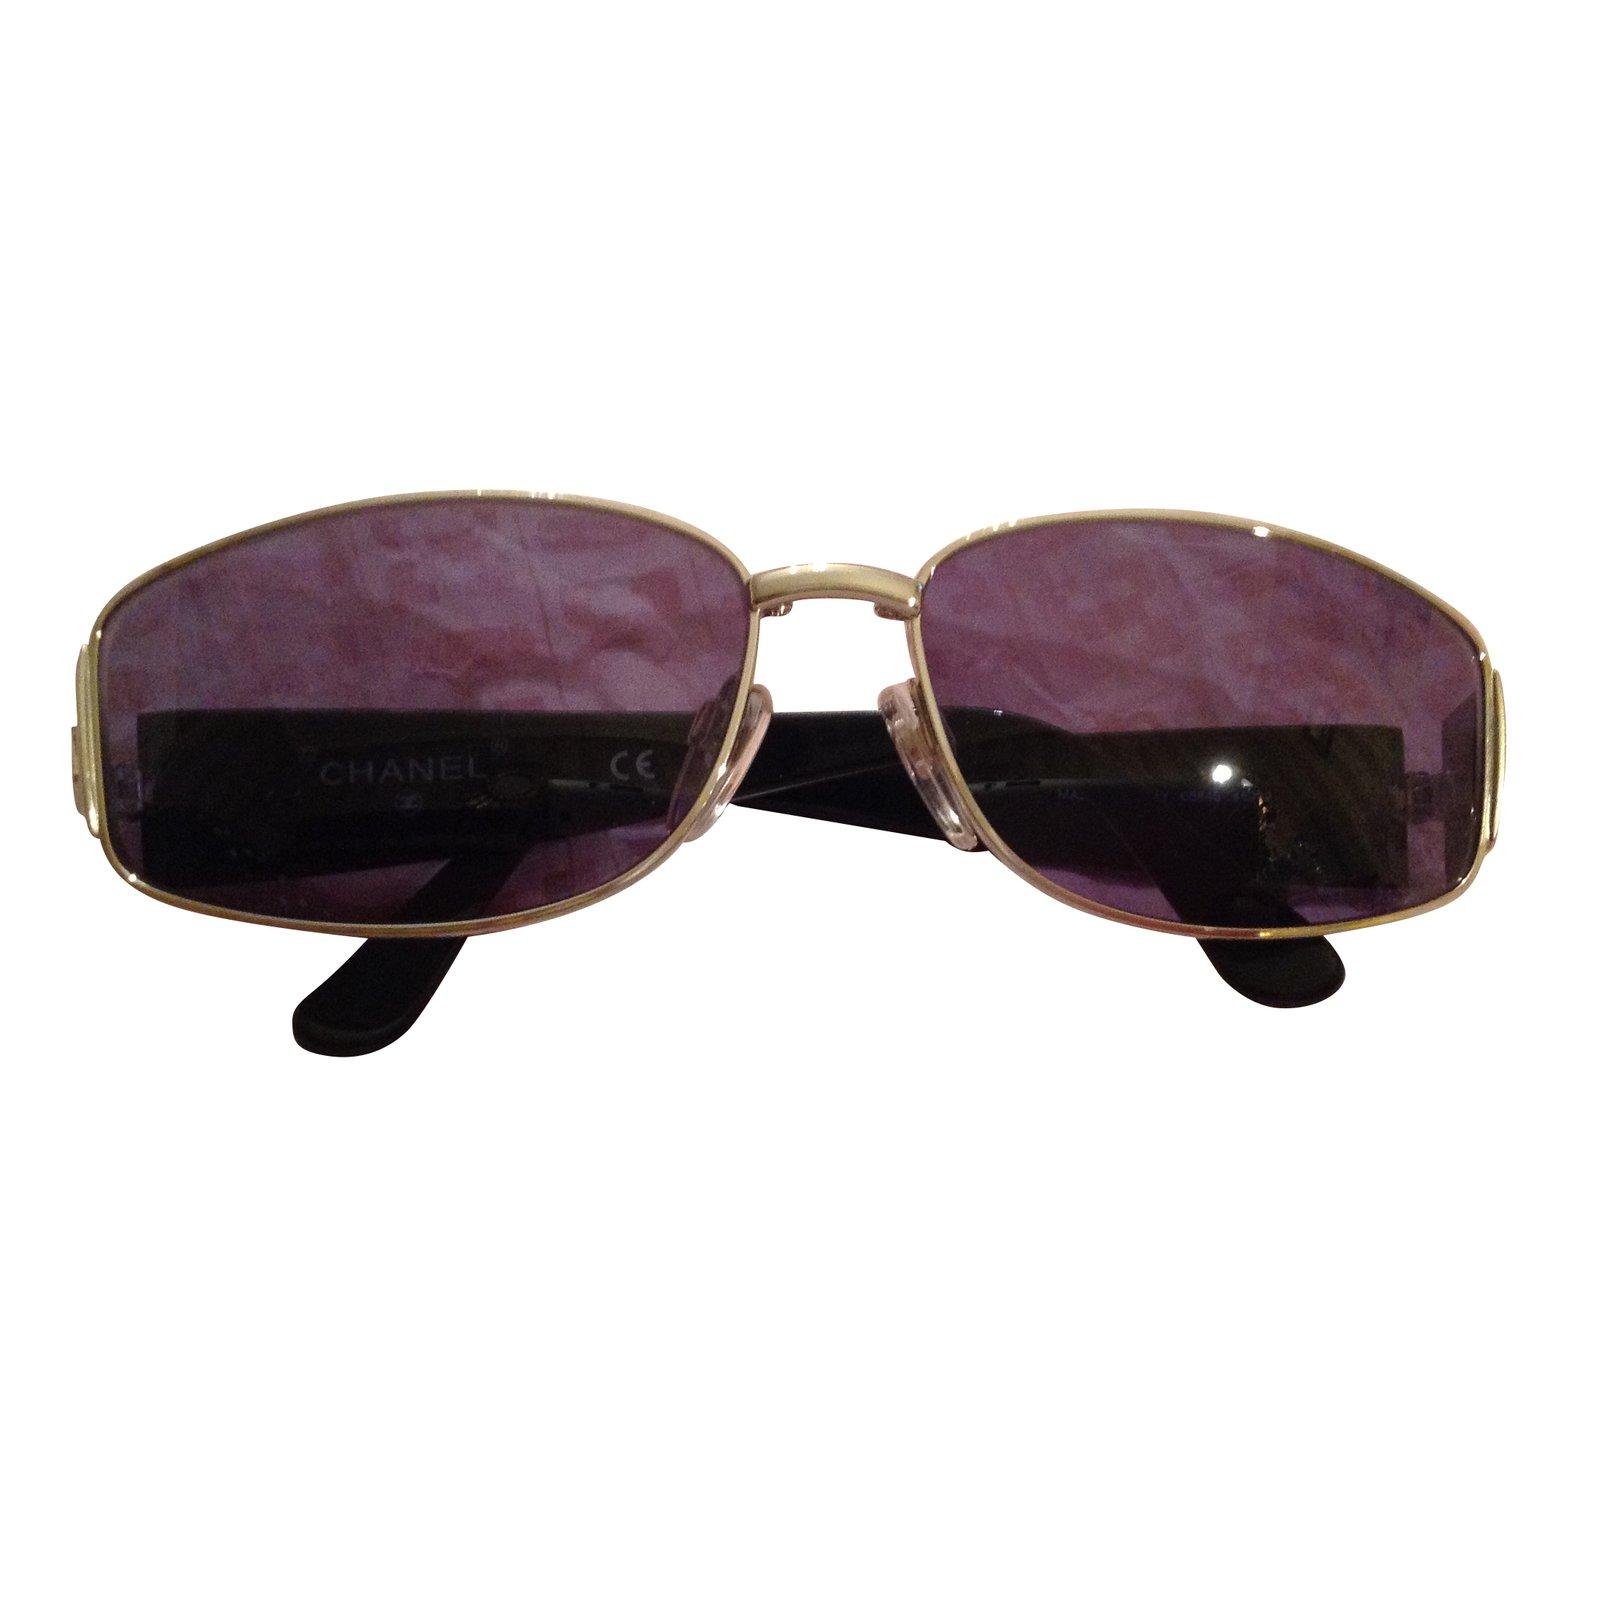 a3164bc5f3f Lunettes Chanel Solaire Résine Noir ref.42933 - Joli Closet